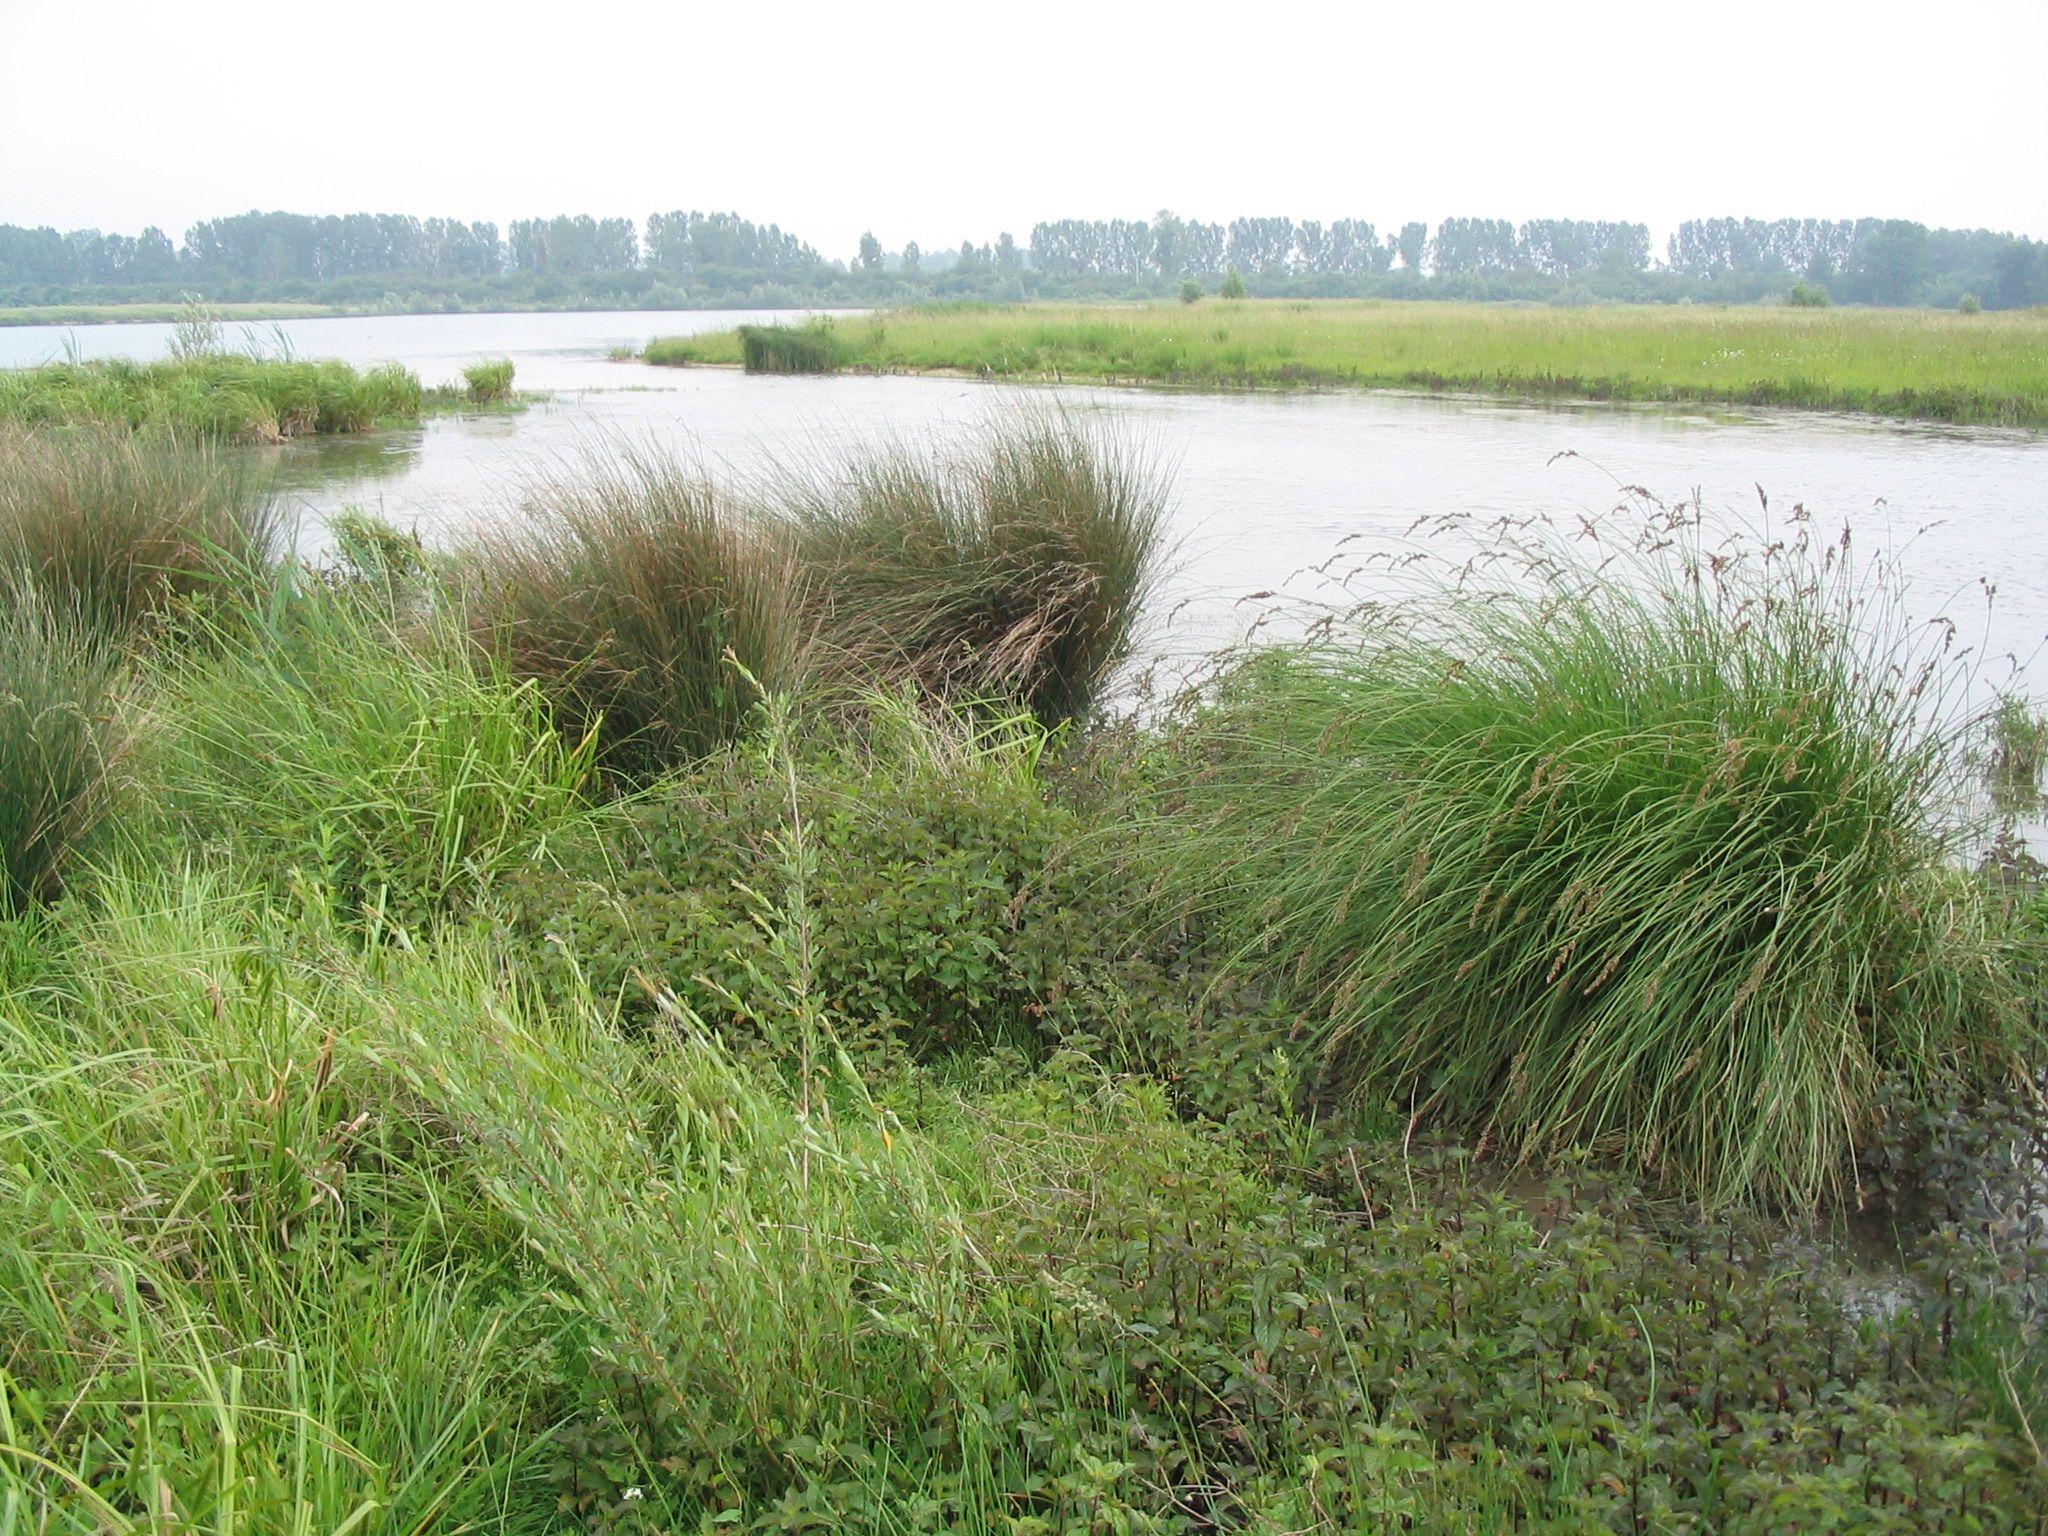 Les carrières en recherche de biodiversité en Seine-et-Marne